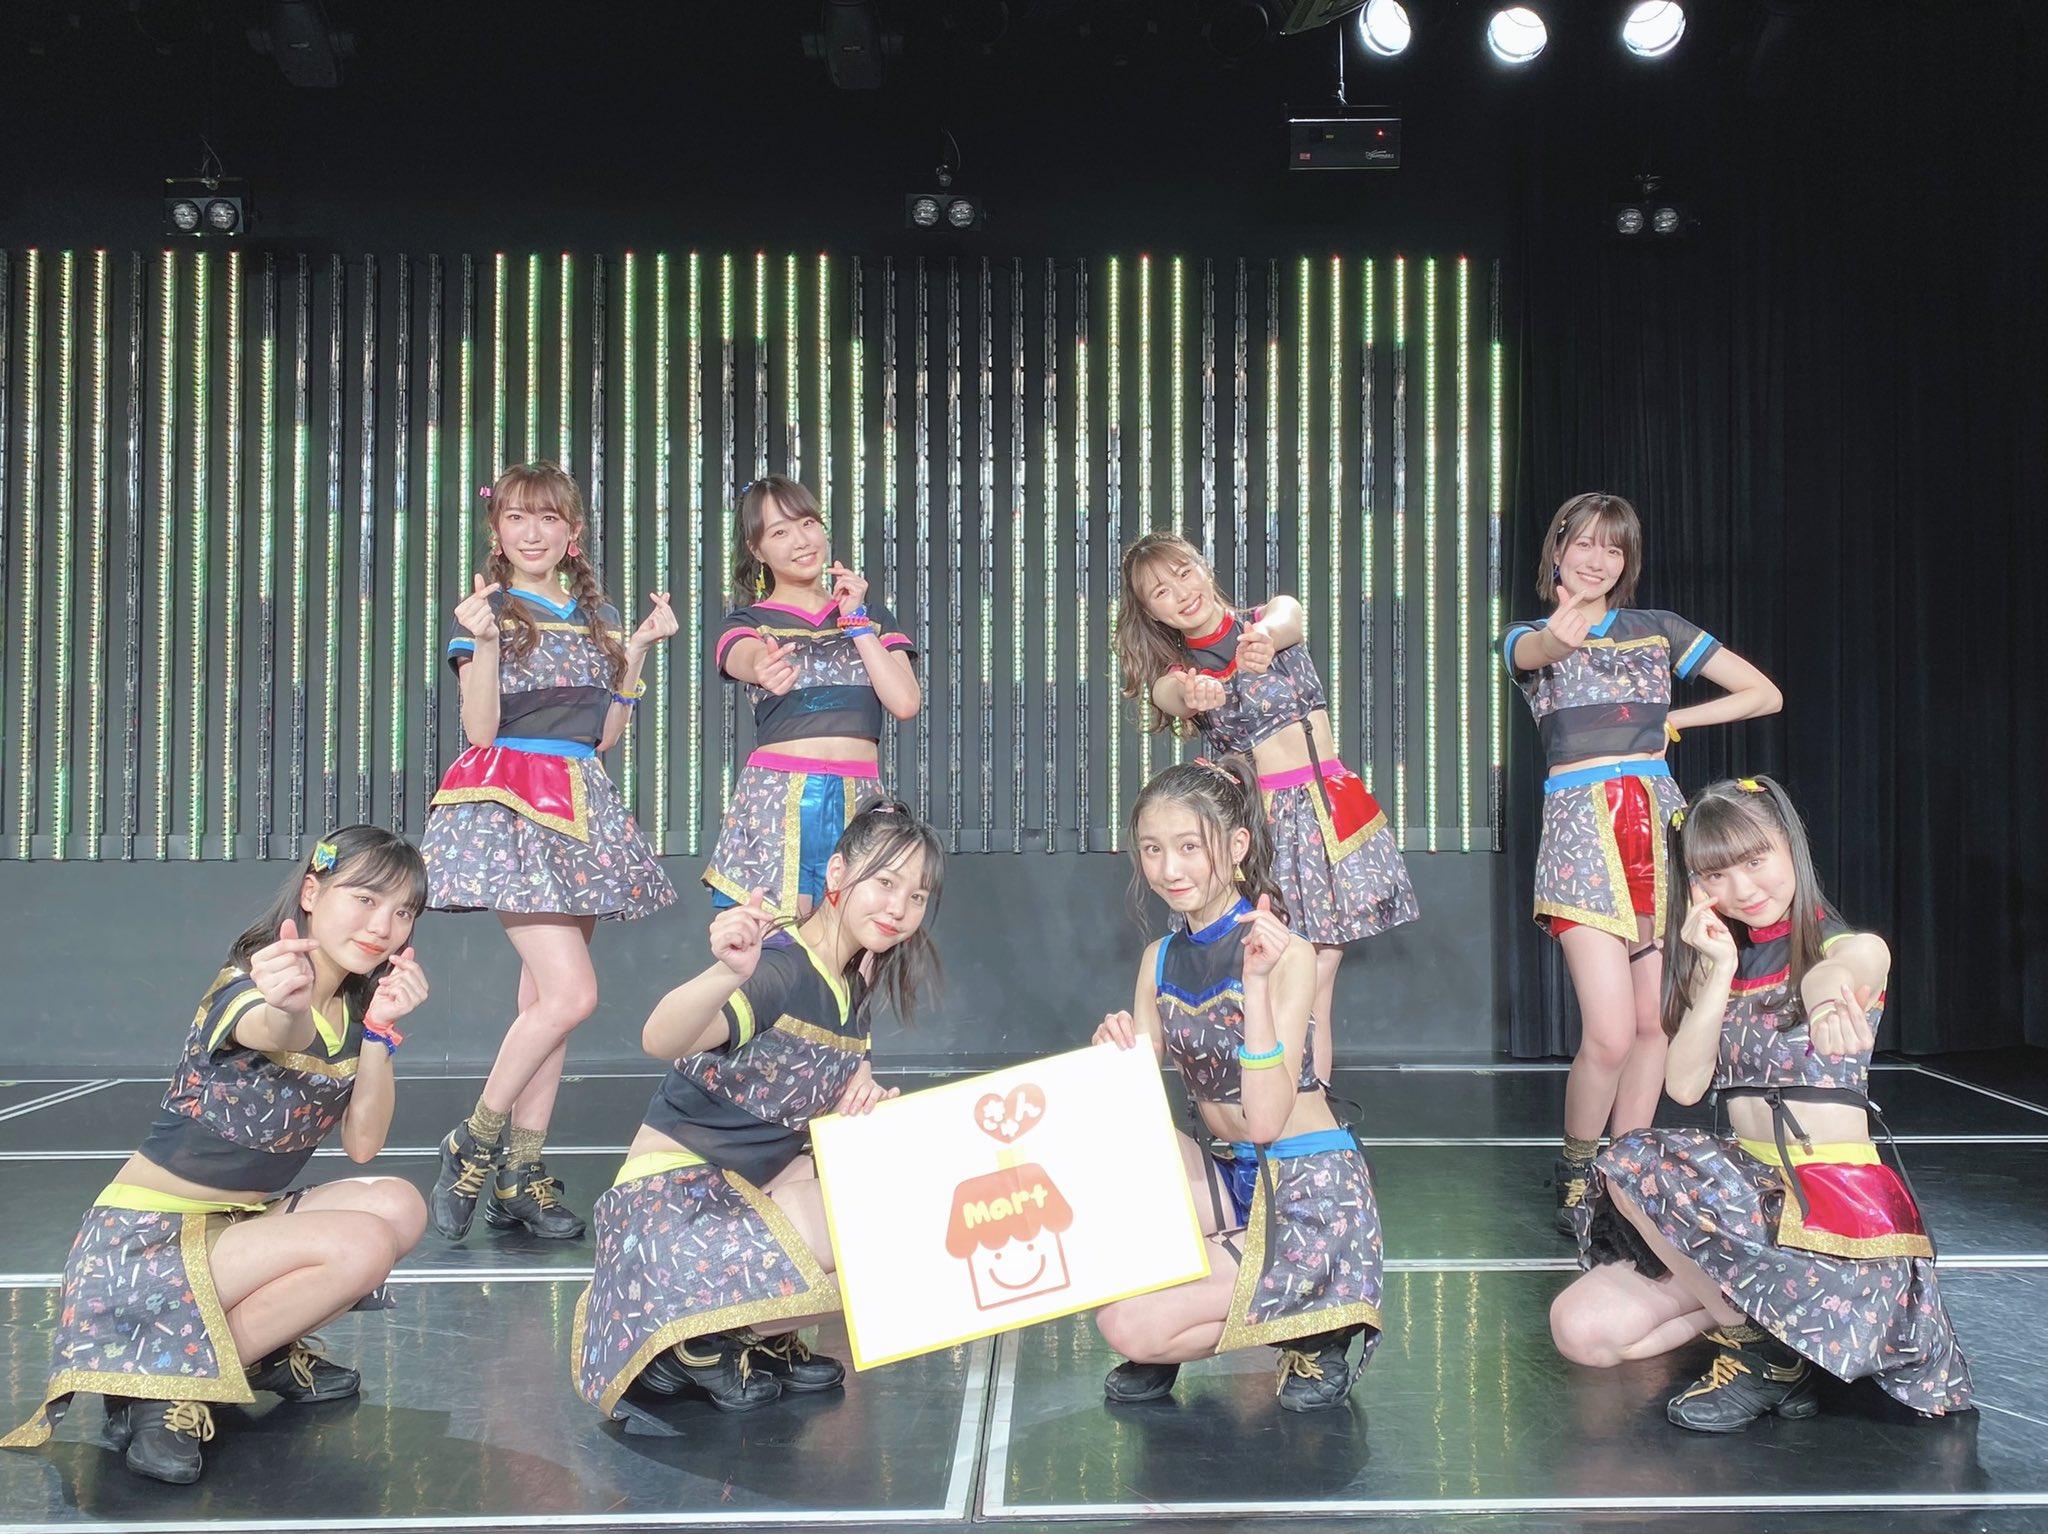 【NMB48】NAMBATTLE公演 ~舞~第3クール きゅんmartは367点